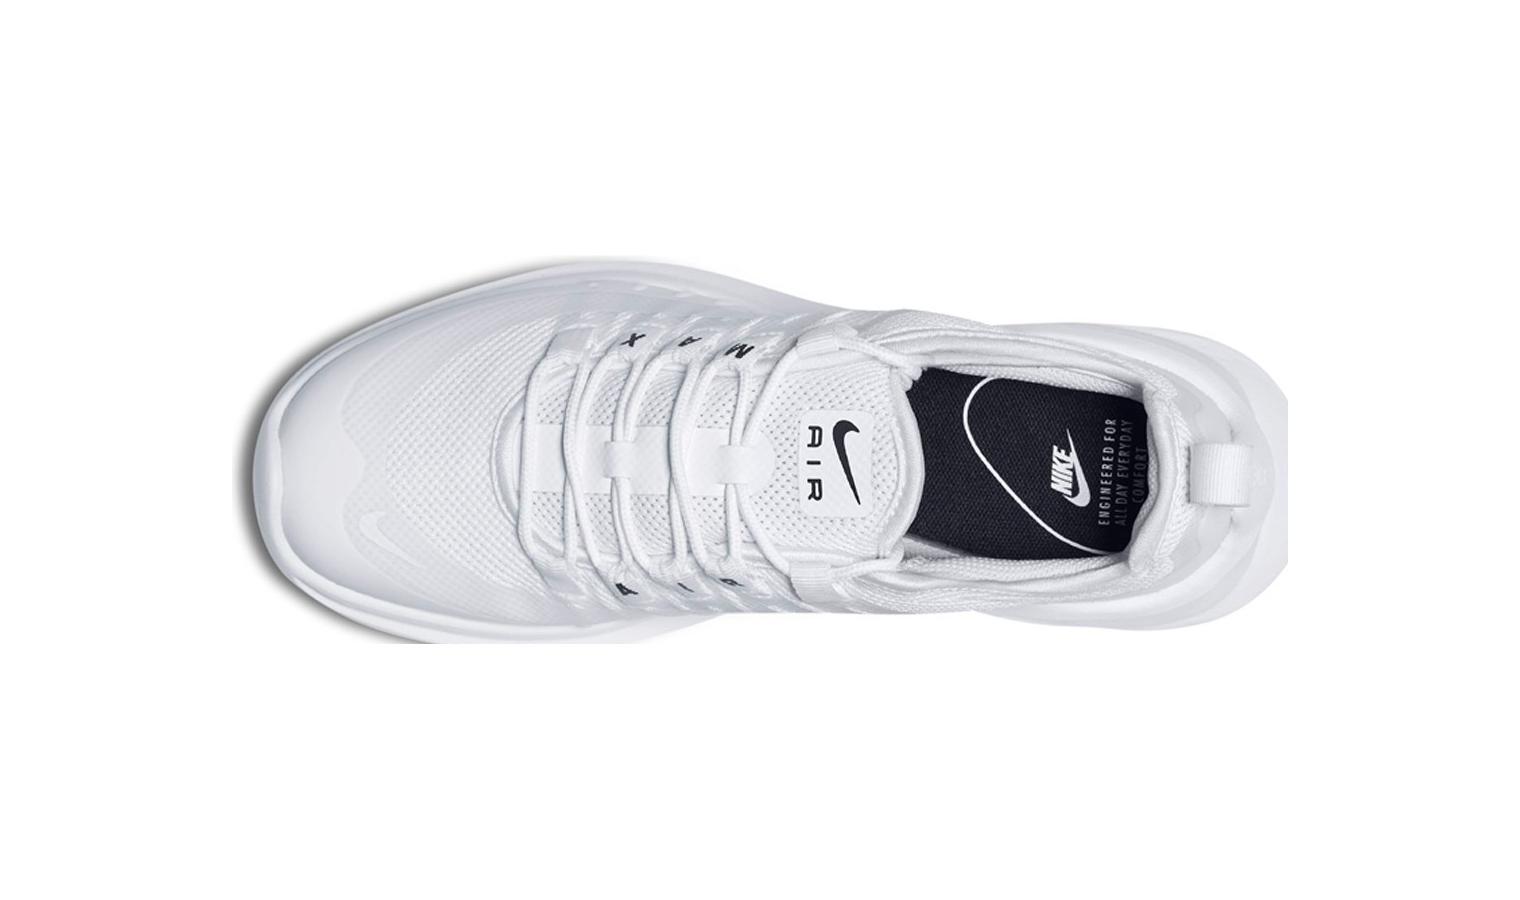 9f3b0131cbe30 Dámske tenisky Nike AIR MAX AXIS W bielej | AD Sport.sk